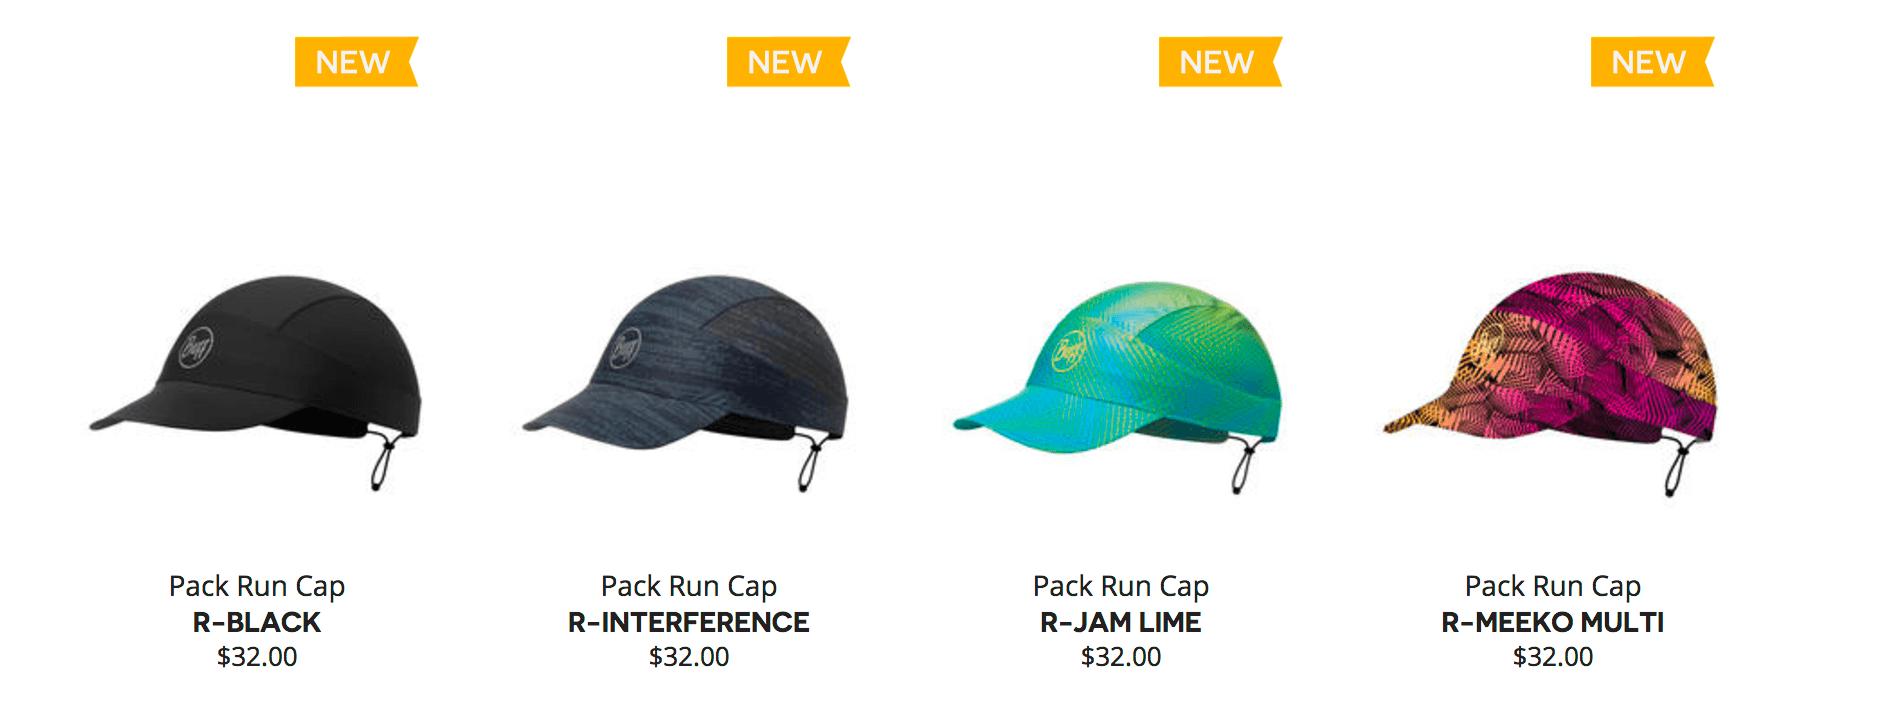 BUFF Pack Run Cap Colors